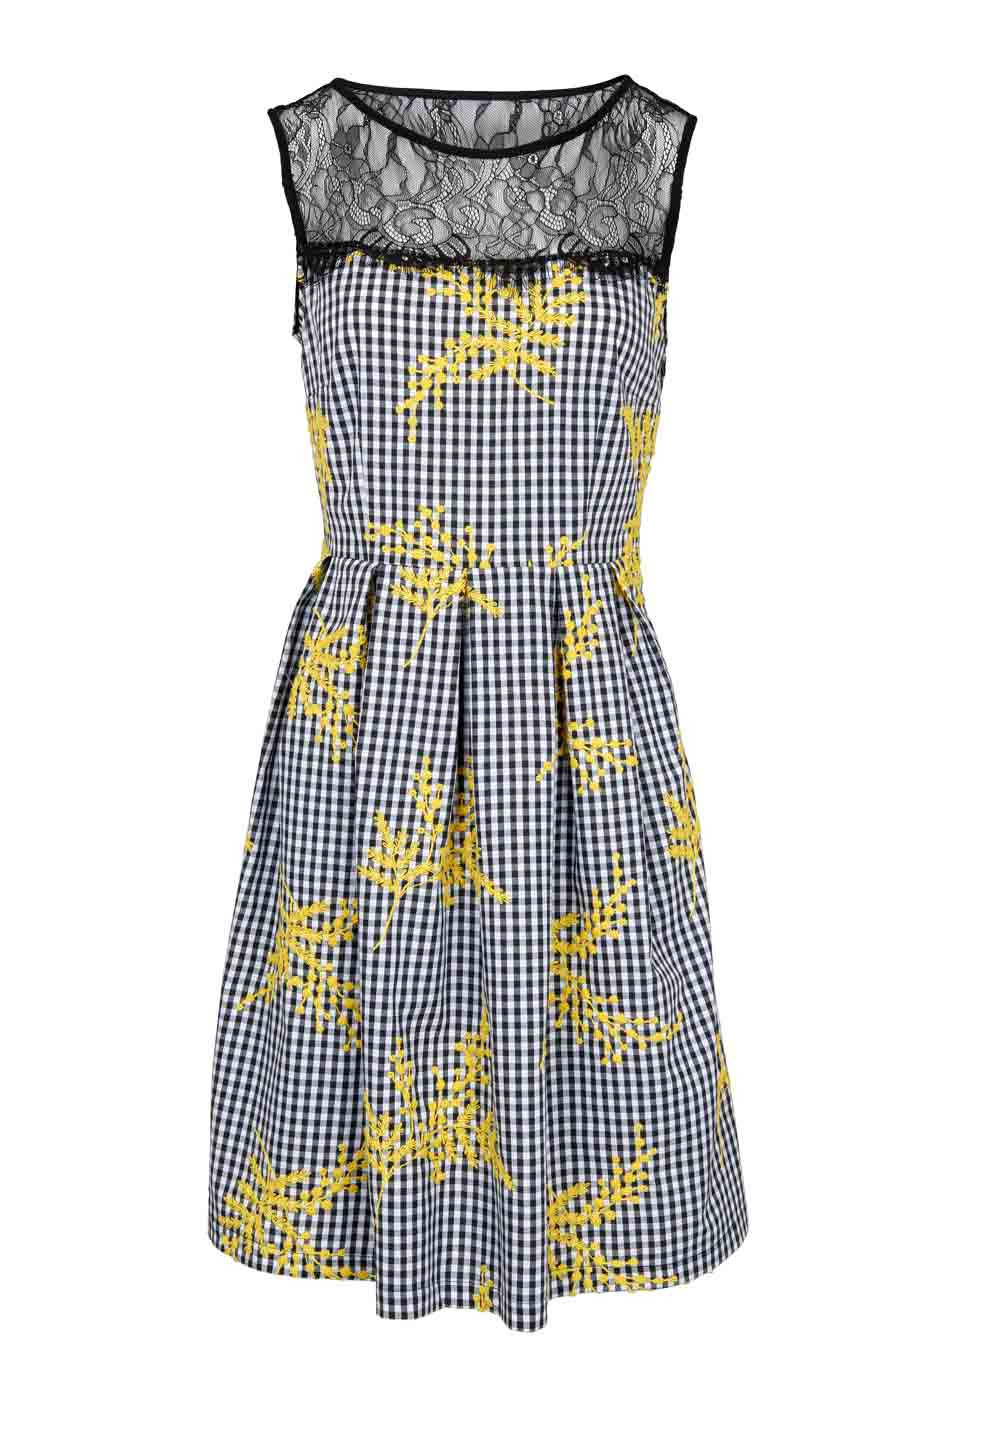 Abend Einzigartig Kleid Schwarz Gelb Galerie15 Schön Kleid Schwarz Gelb Boutique